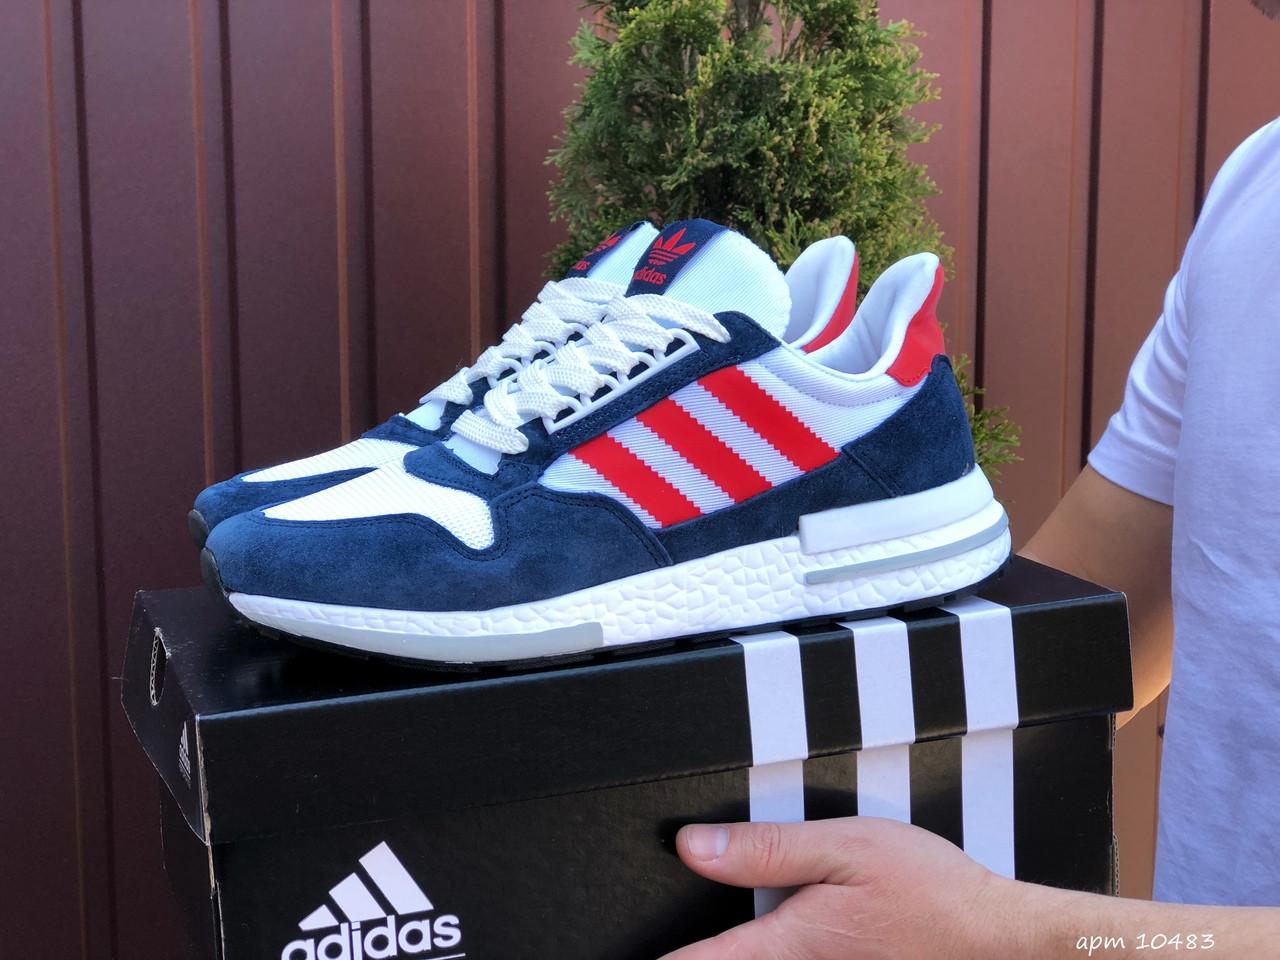 Чоловічі кросівки Adidas Zx 500 Rm білі з синім і червоним